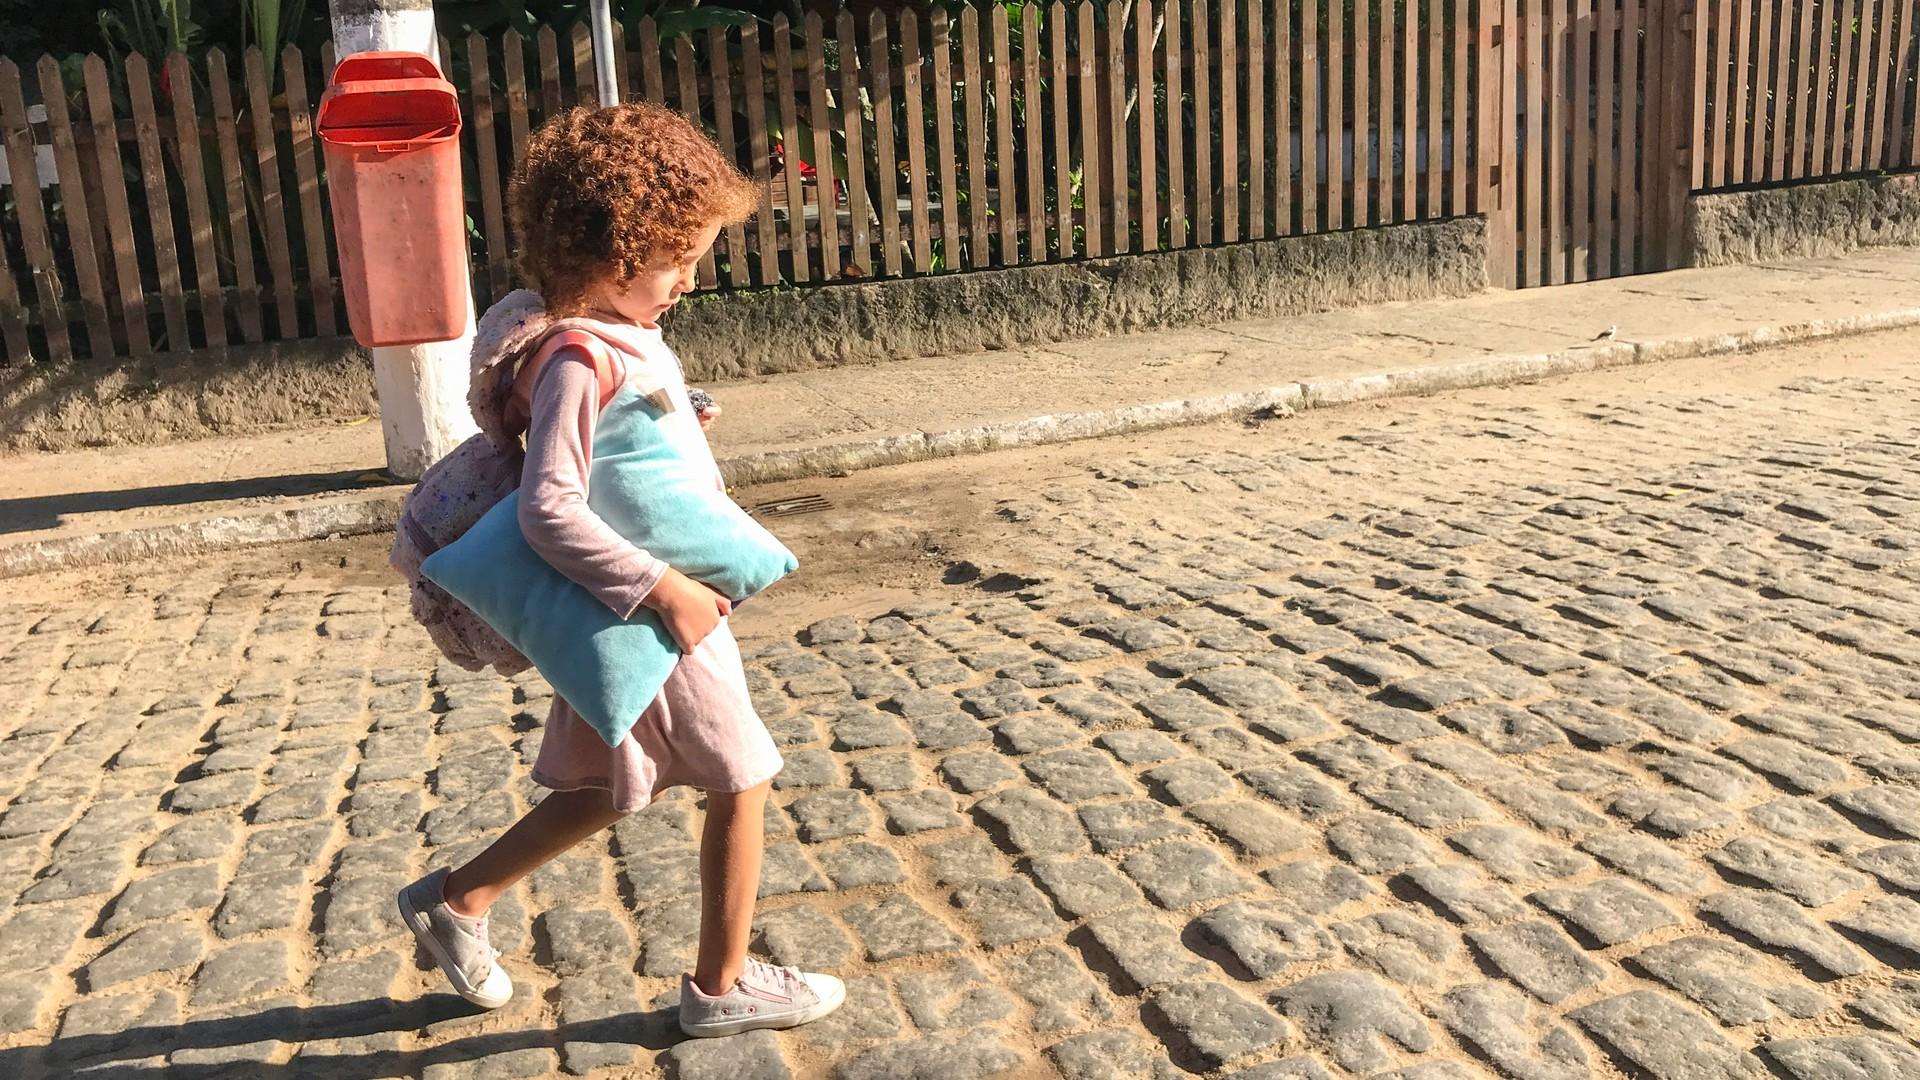 Kind auf der Straße unterwegs mit Polster